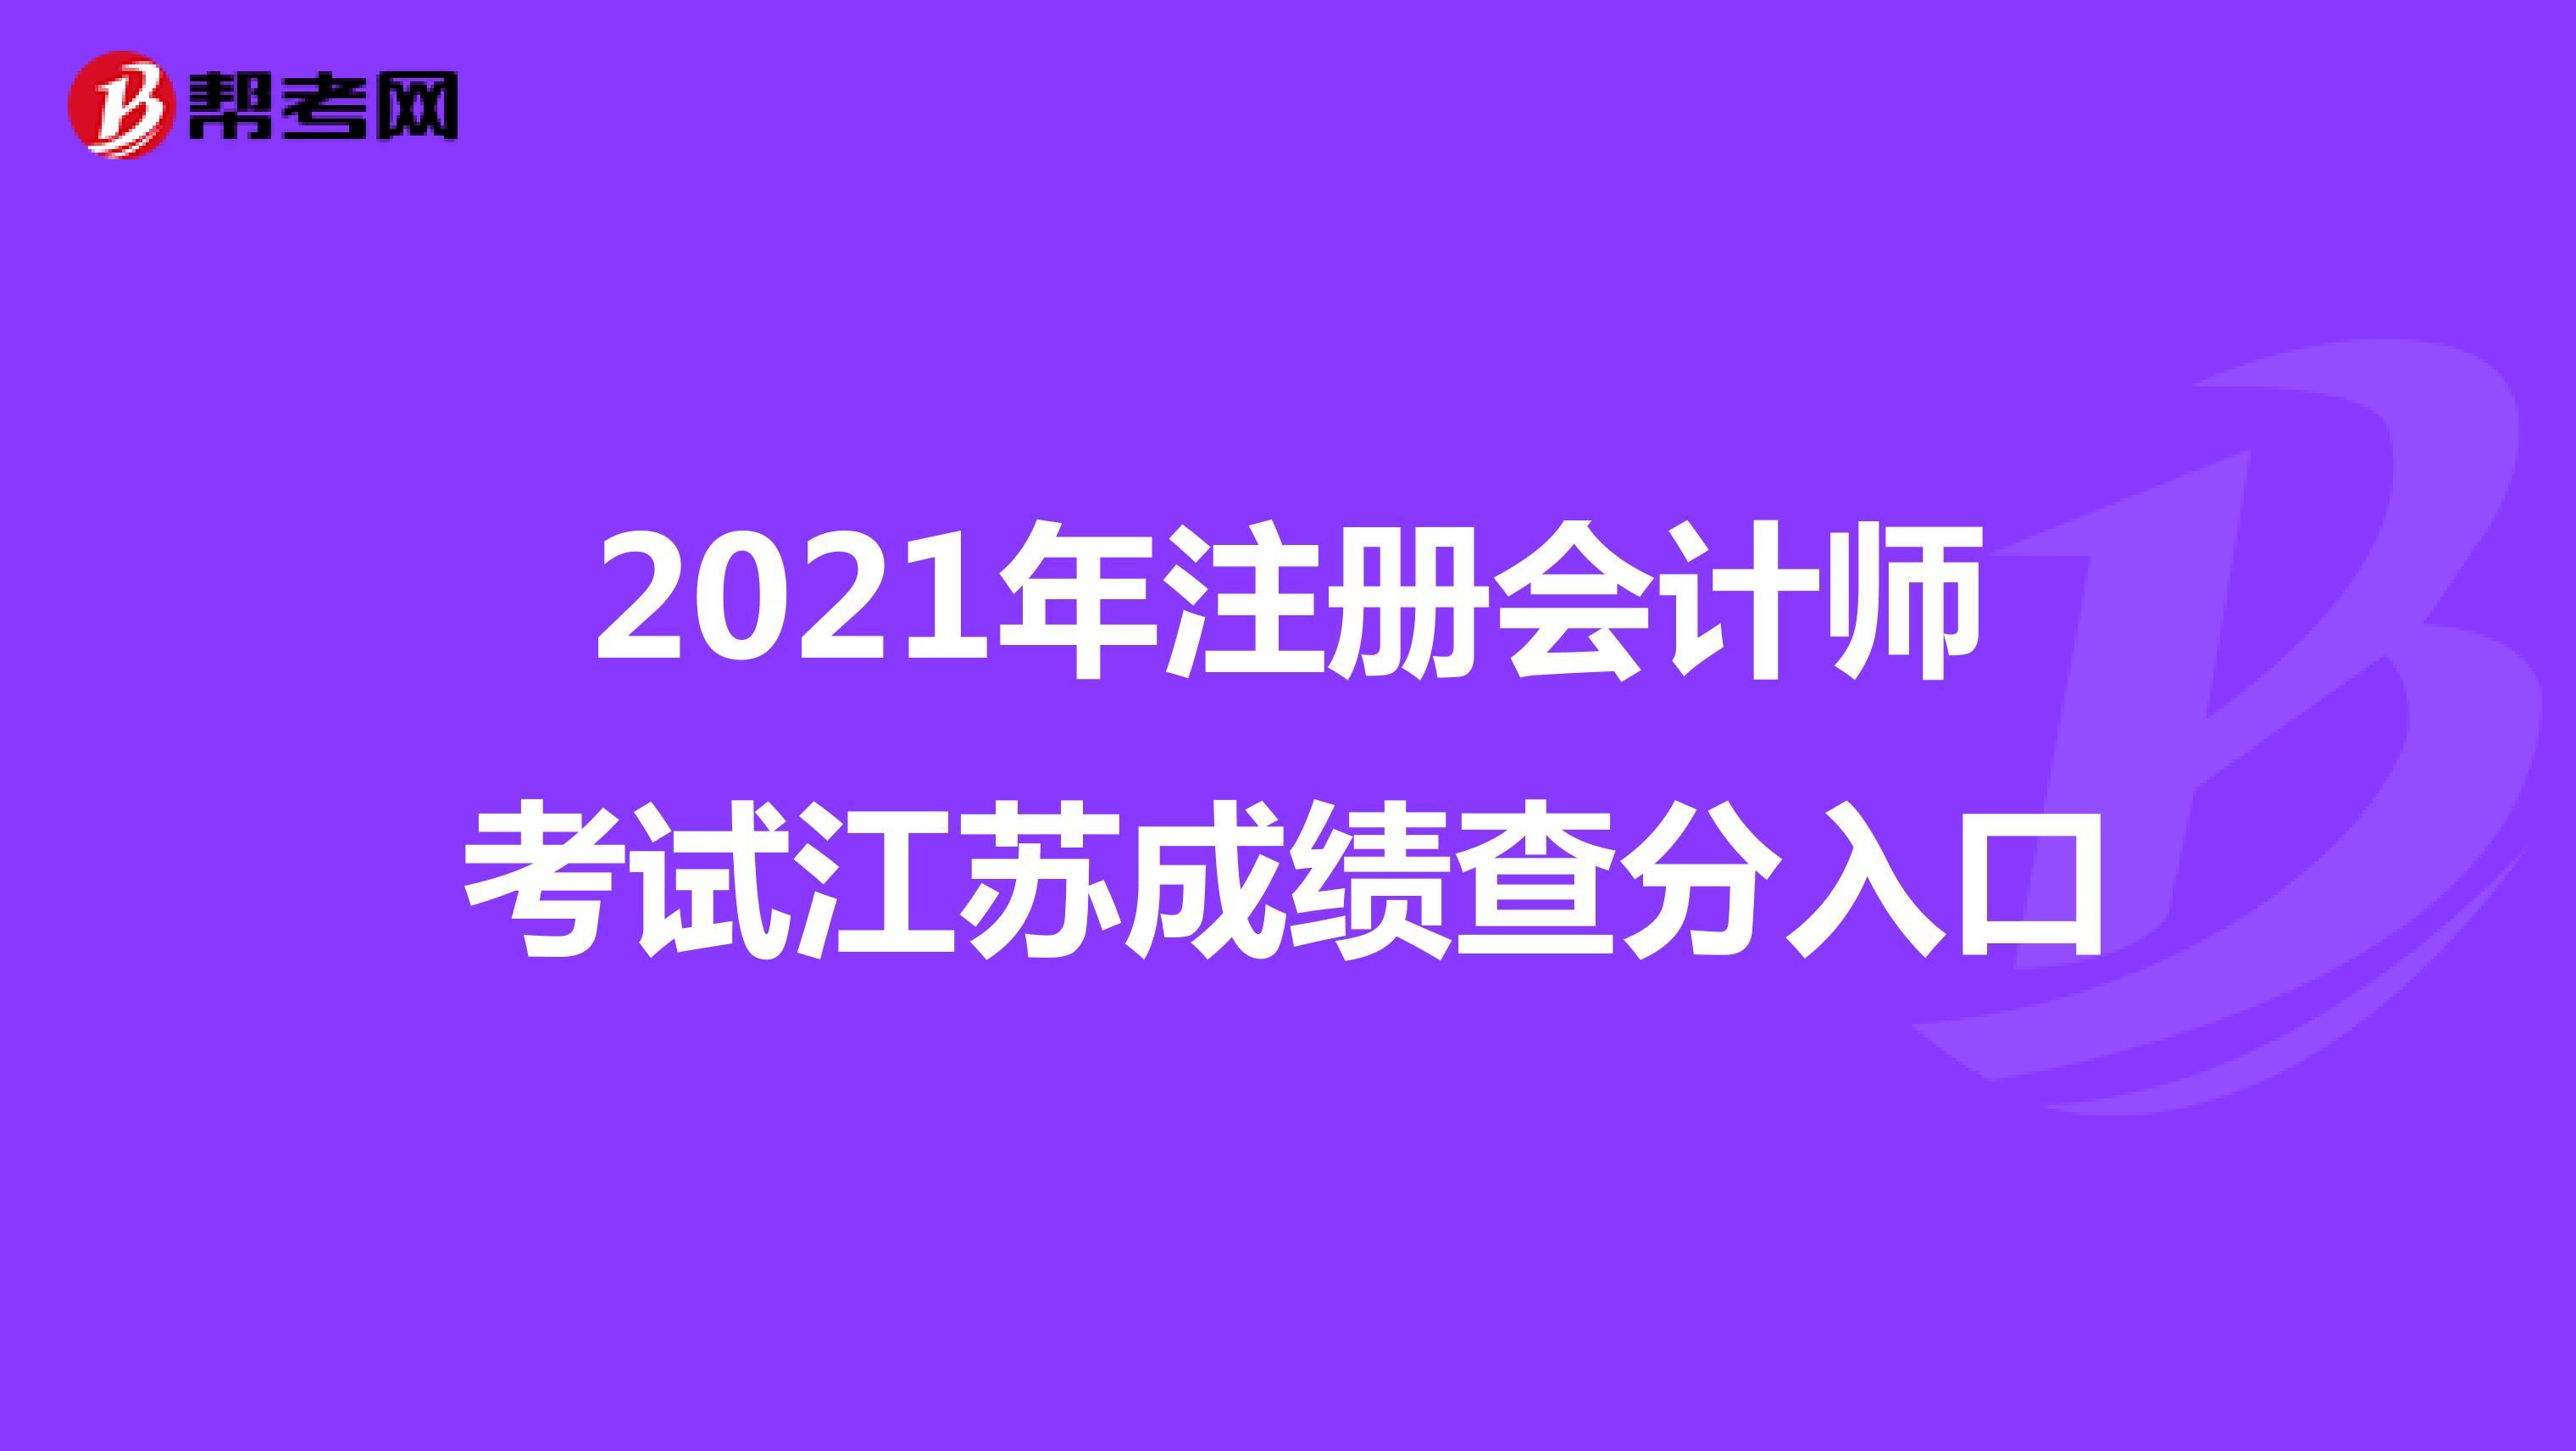 2021年【hot88热竞技提款】注册会计师考试江苏成绩查分入口